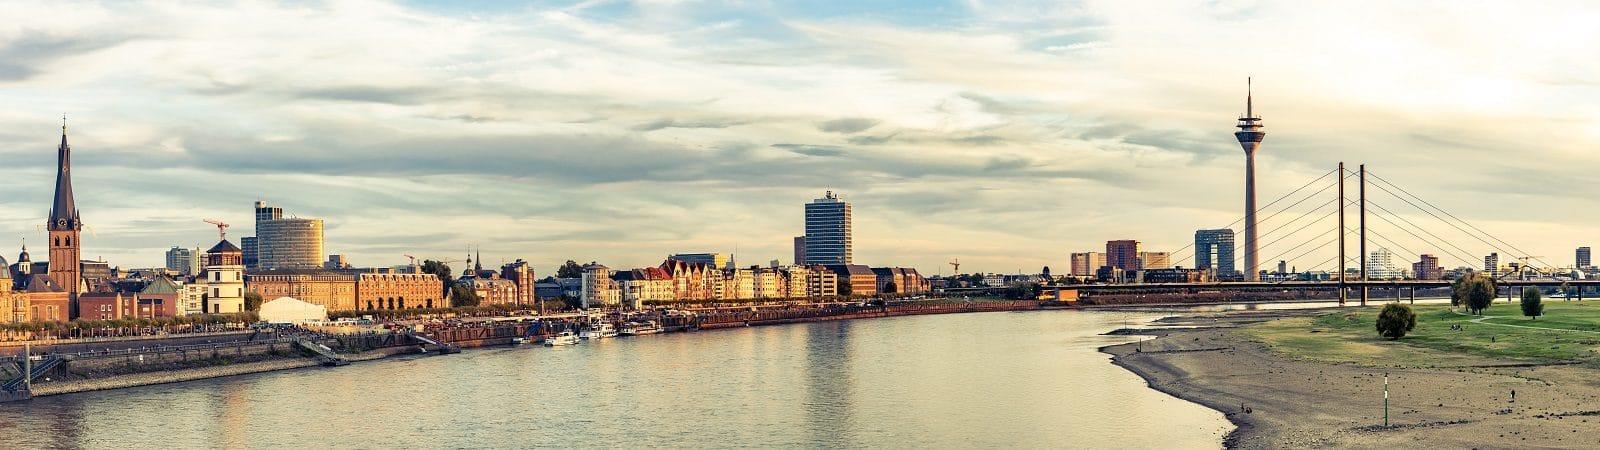 Rheinufer mit Blick auf Düsseldorfer Skyline